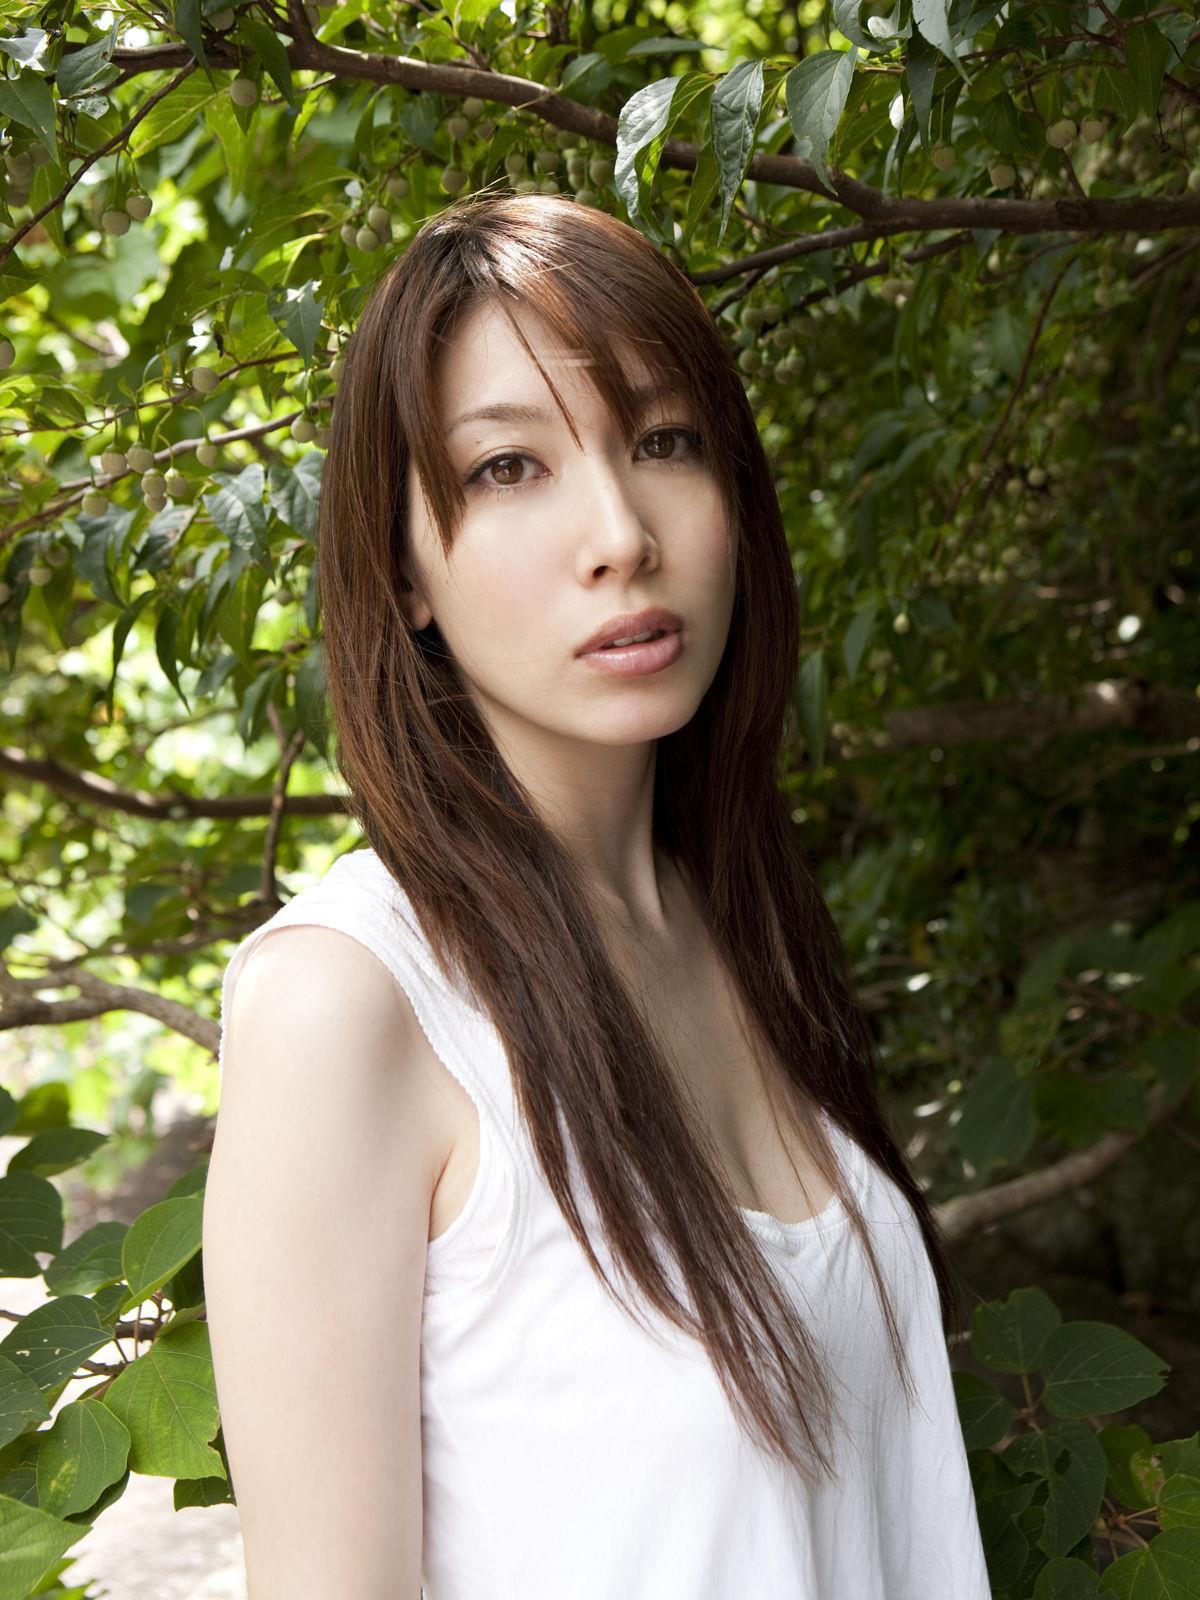 小林恵美 セミヌード画像 51